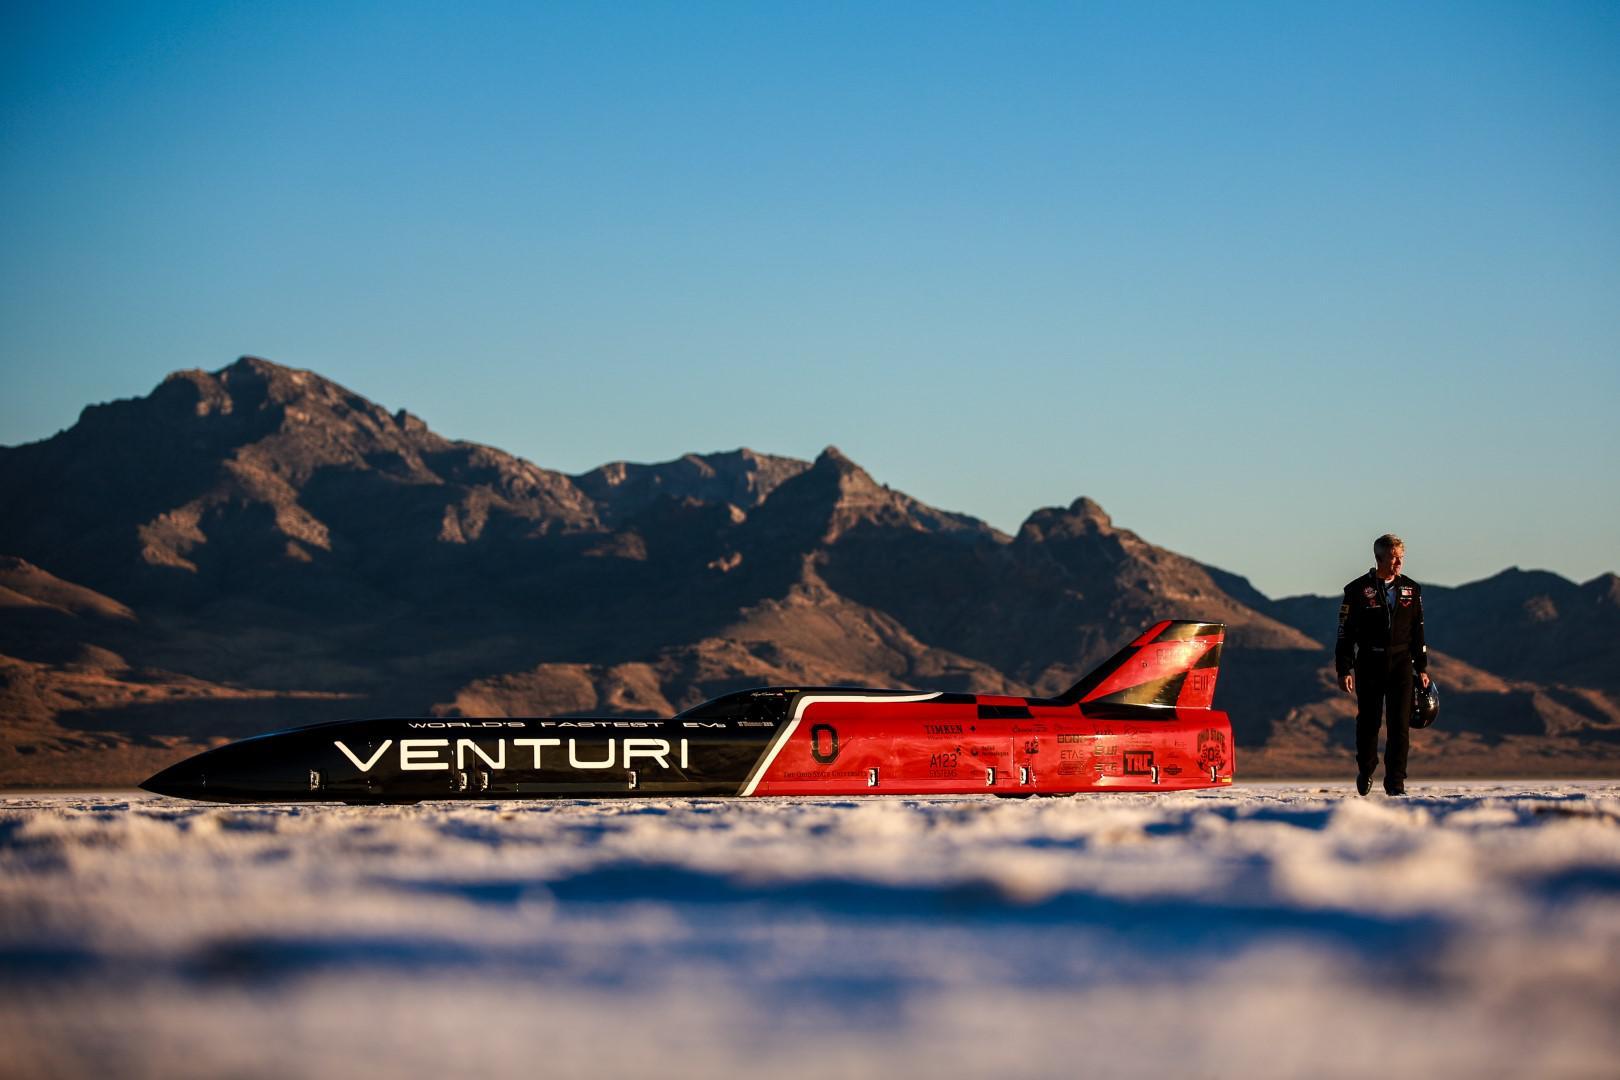 venturi-celebre-quatre-annees-du-record-du-monde-de-vitesse-549-km-h-pour-un-vehicule-electrique-1350-1.jpg